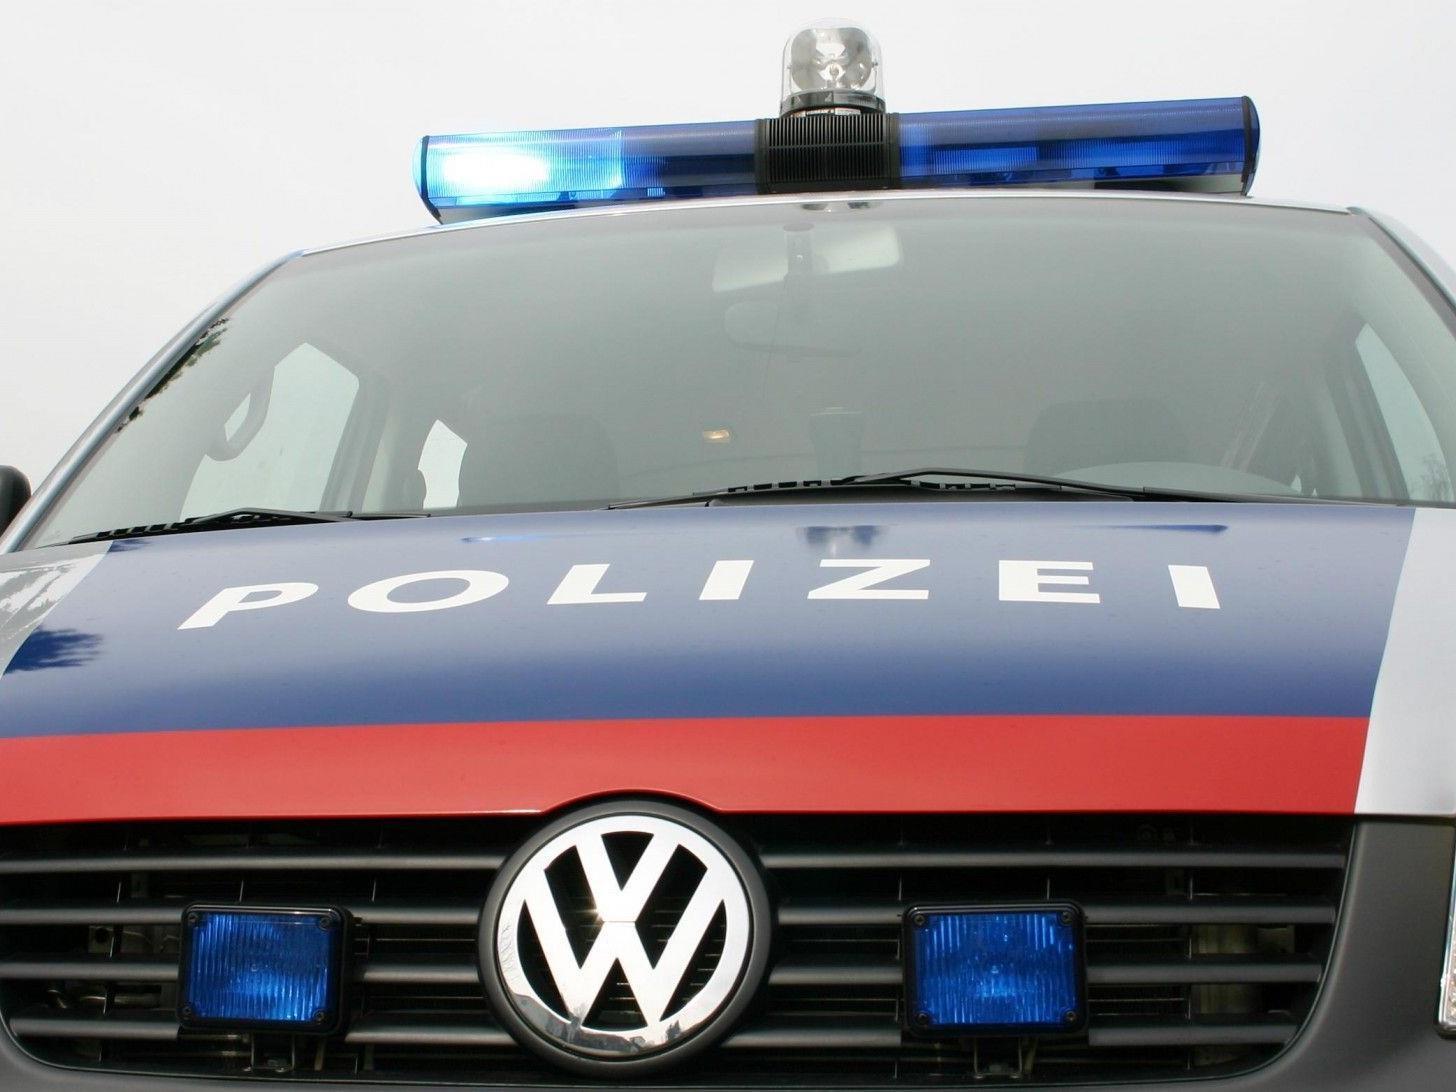 Zeugen werden gebeten, sich mit der Polizei Bregenz in Verbindung zu setzen.